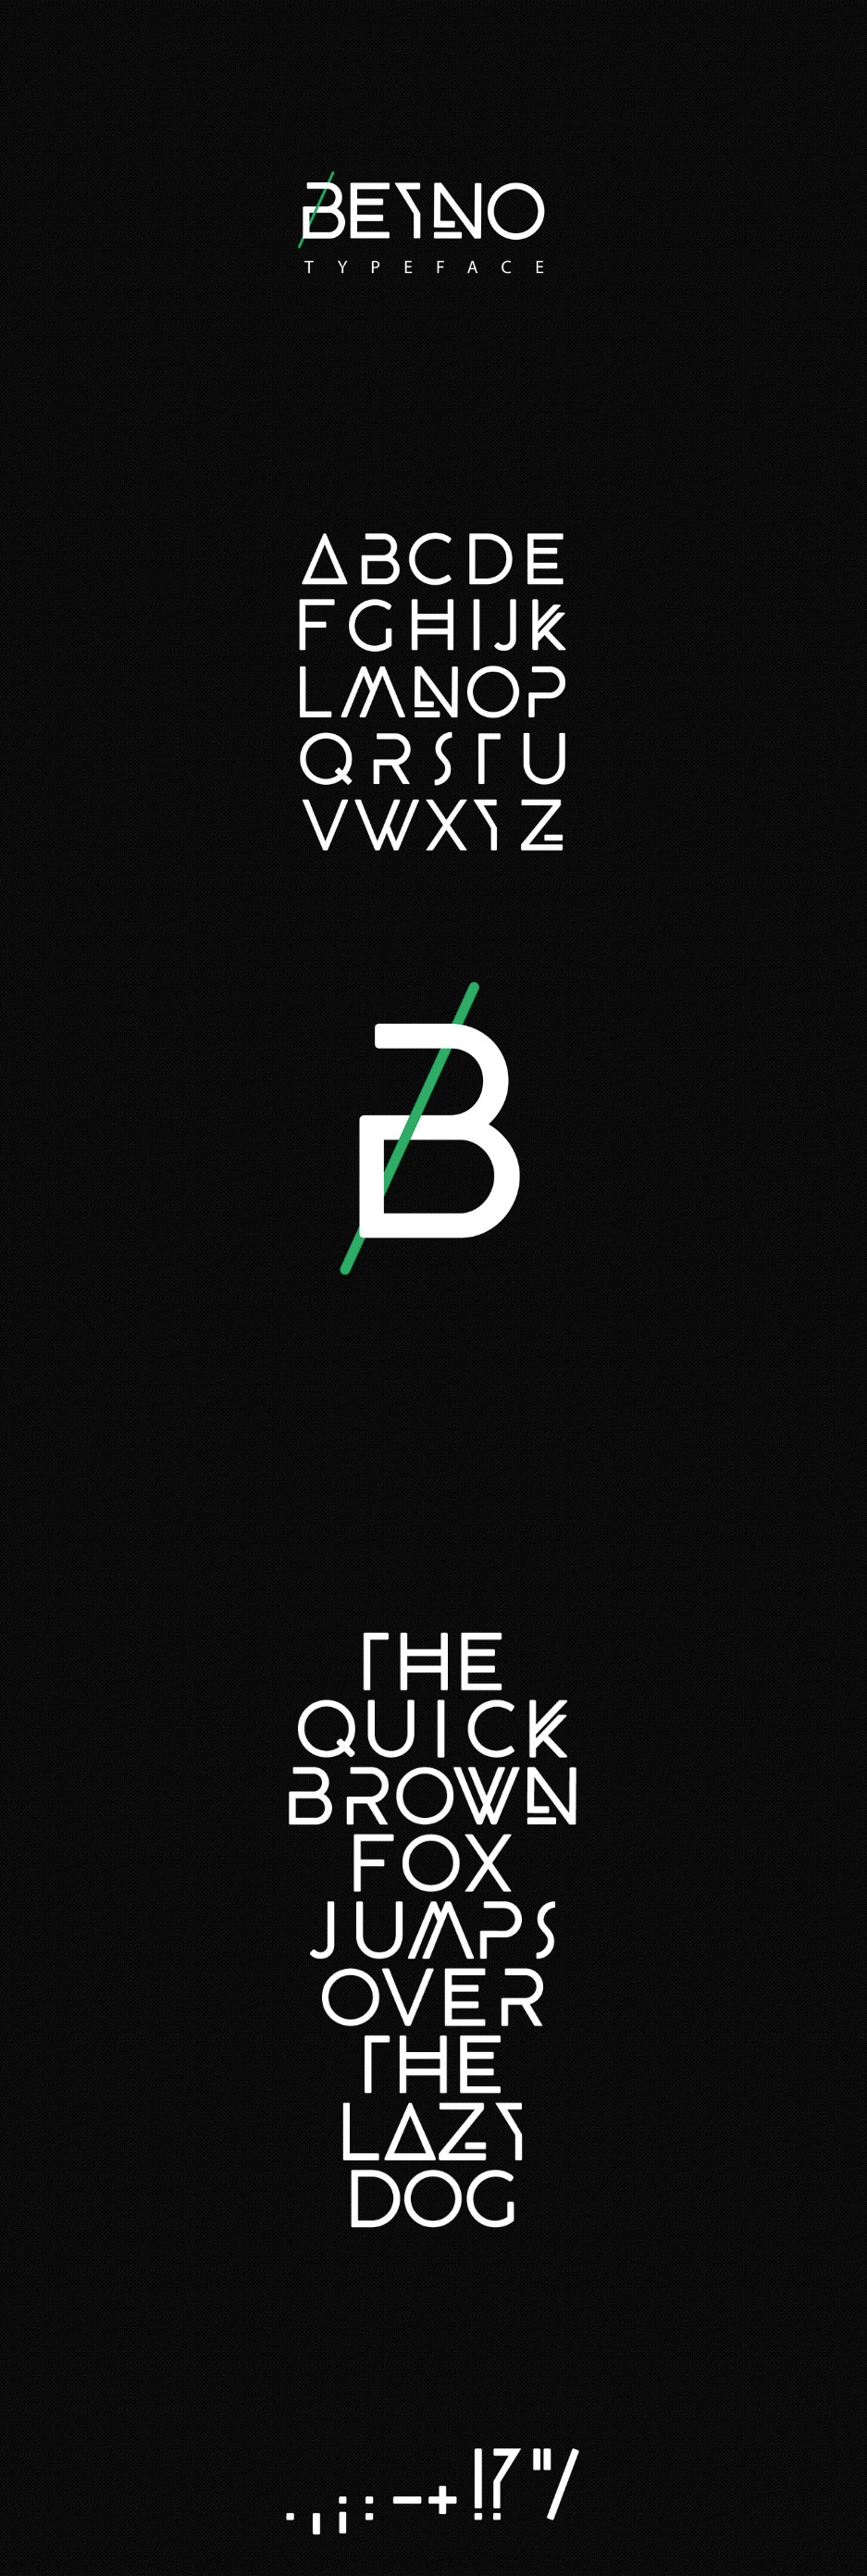 beyno-font-9